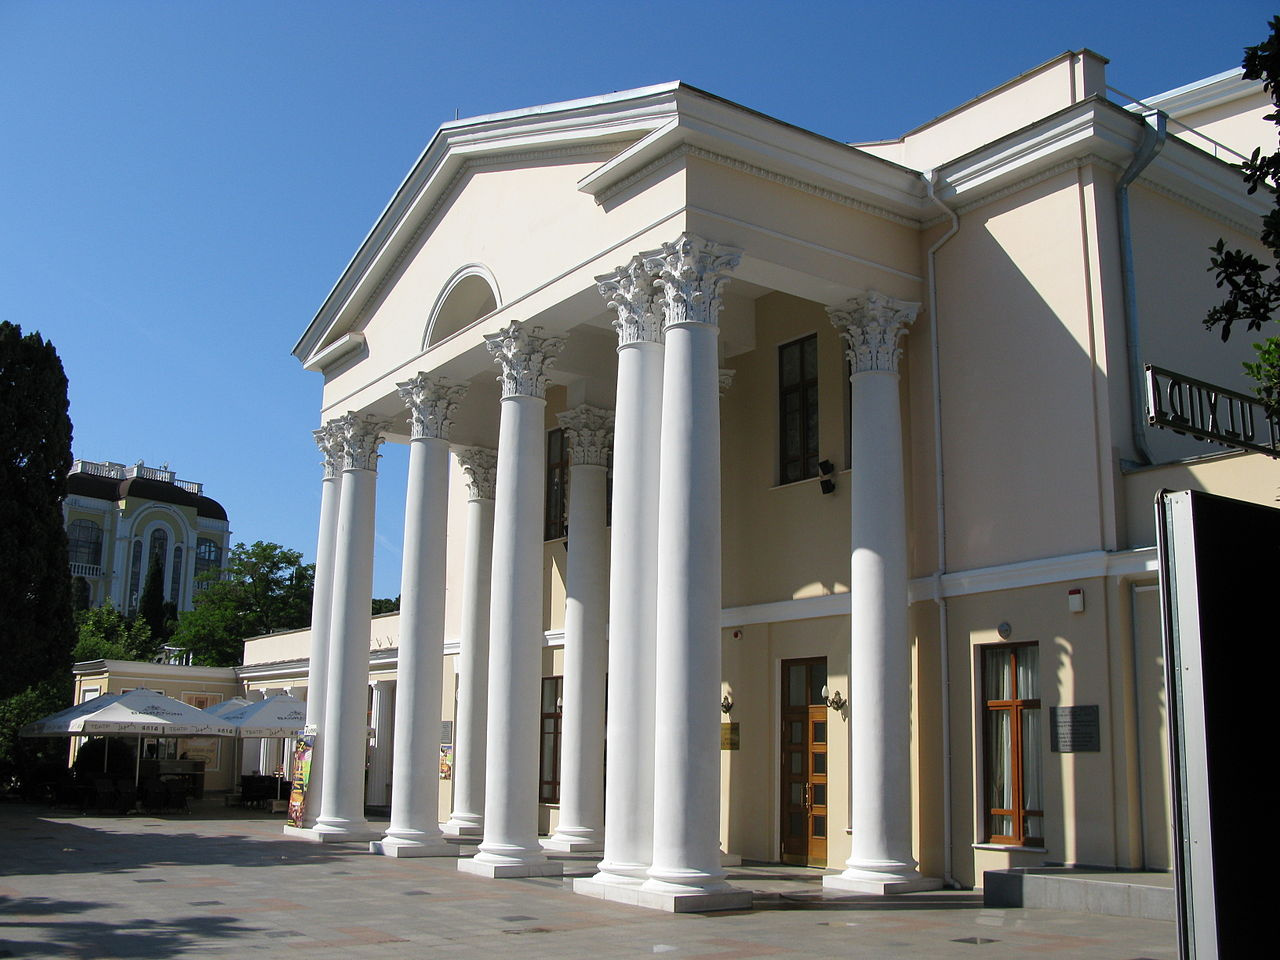 Театр ялта чехов афиша цена кино в мегагринн орел афиша расписание